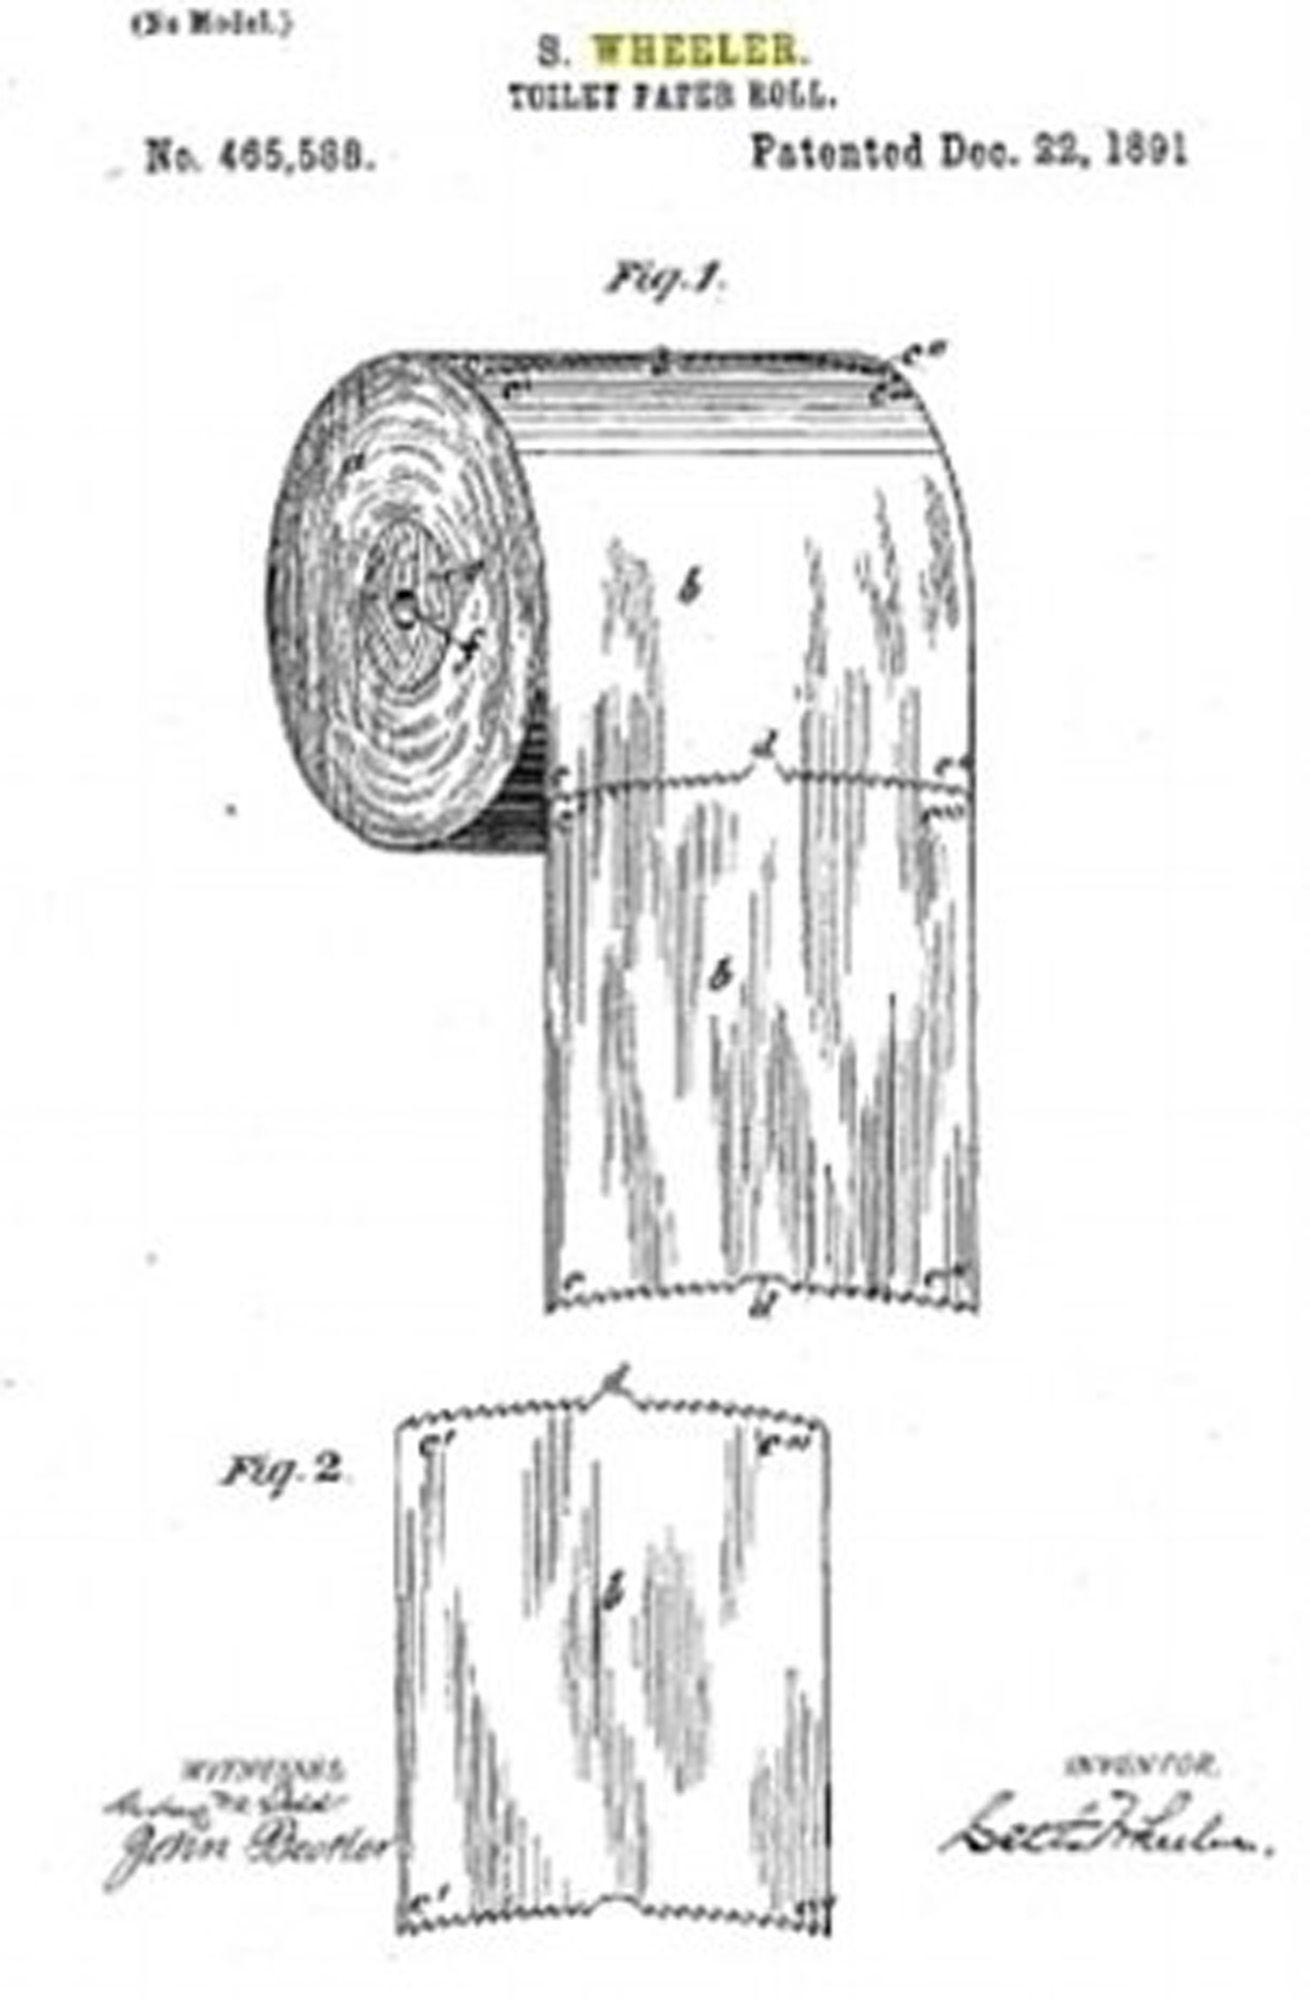 La feuille du rouleau de papier de toilette va-t-elle par-dessus ou en dessous? Un diagramme vieux de 128 ans nous donne la réponse